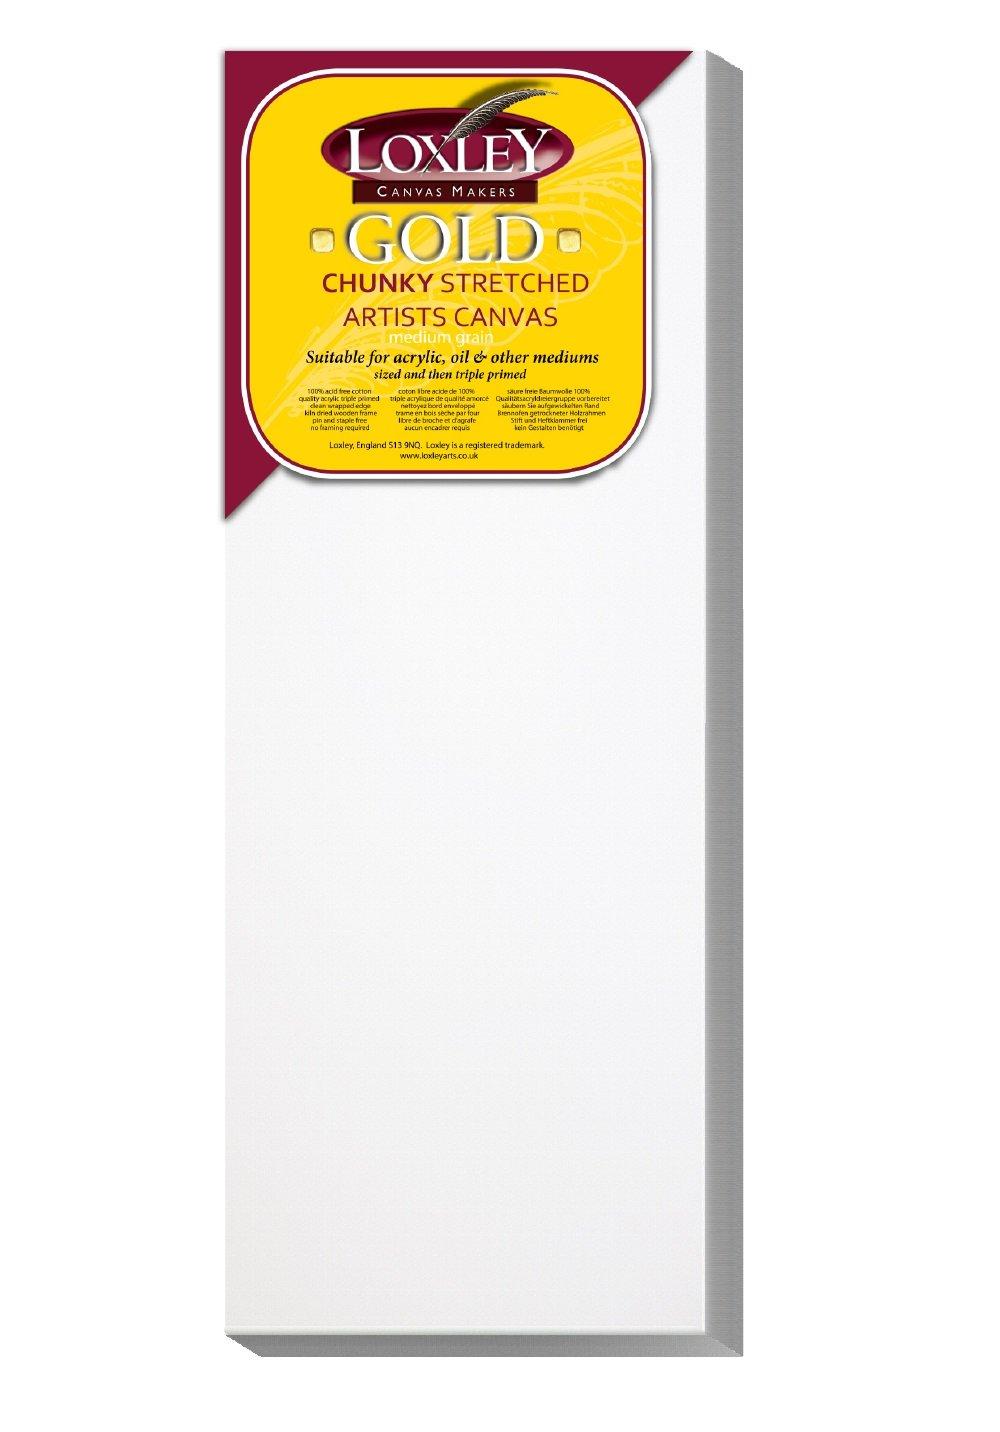 Loxley Gold - Tela rettangolare per uso artistico, di qualità, bordo: 37 mm, 40 x 15 cm LCC-166